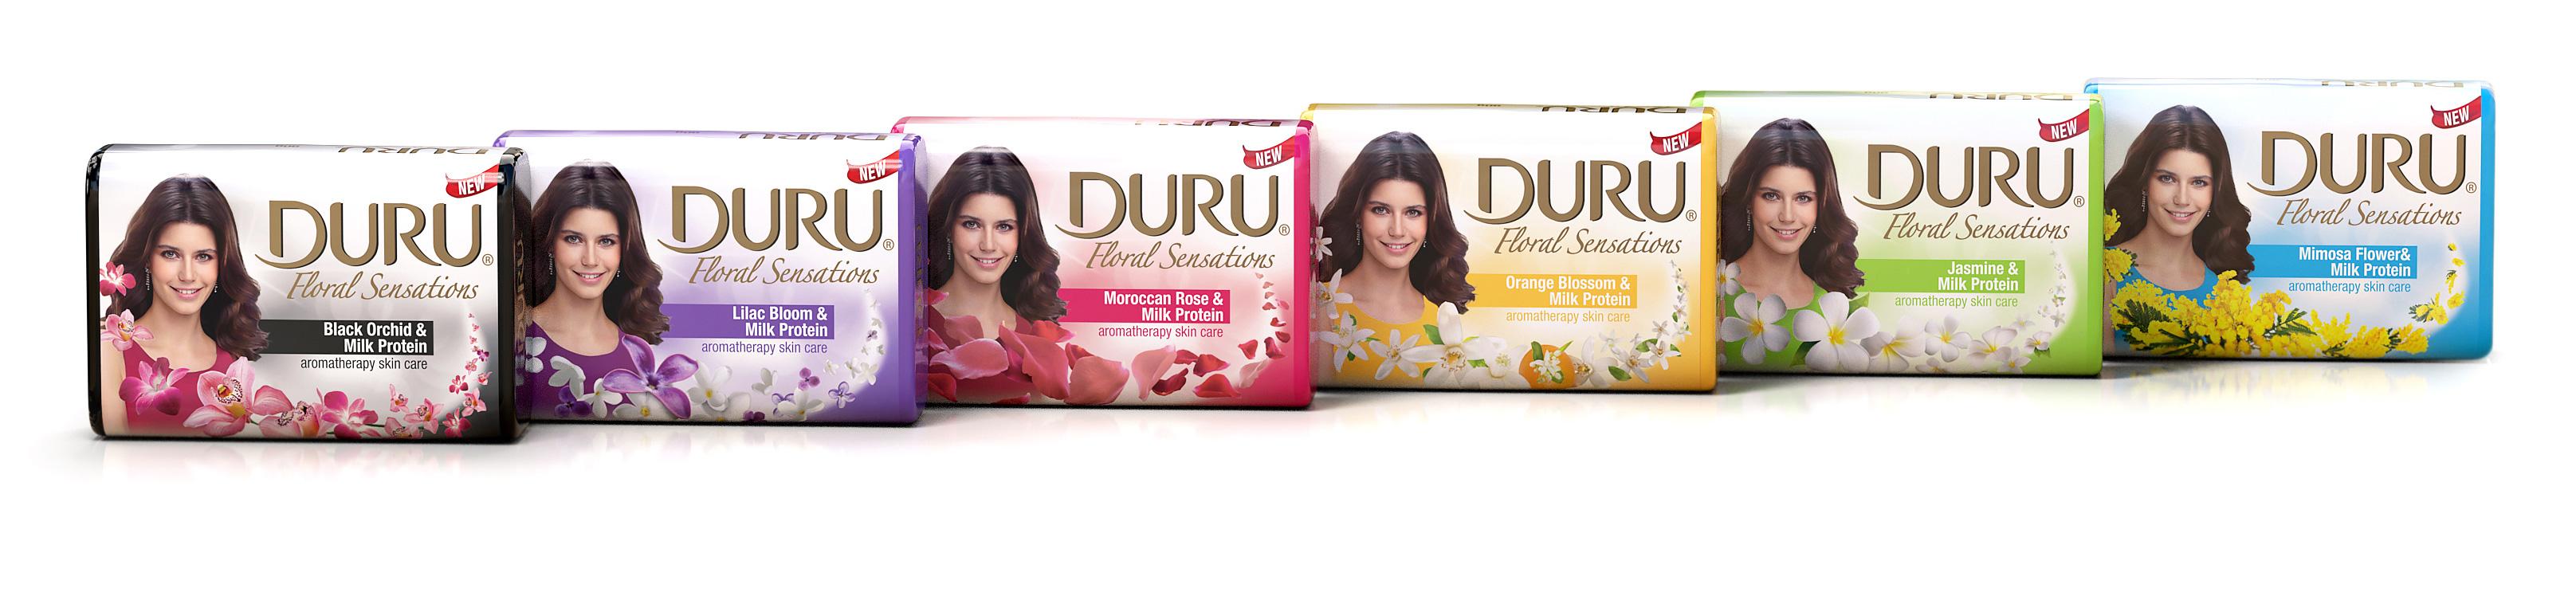 DURU_FloralSensations_3